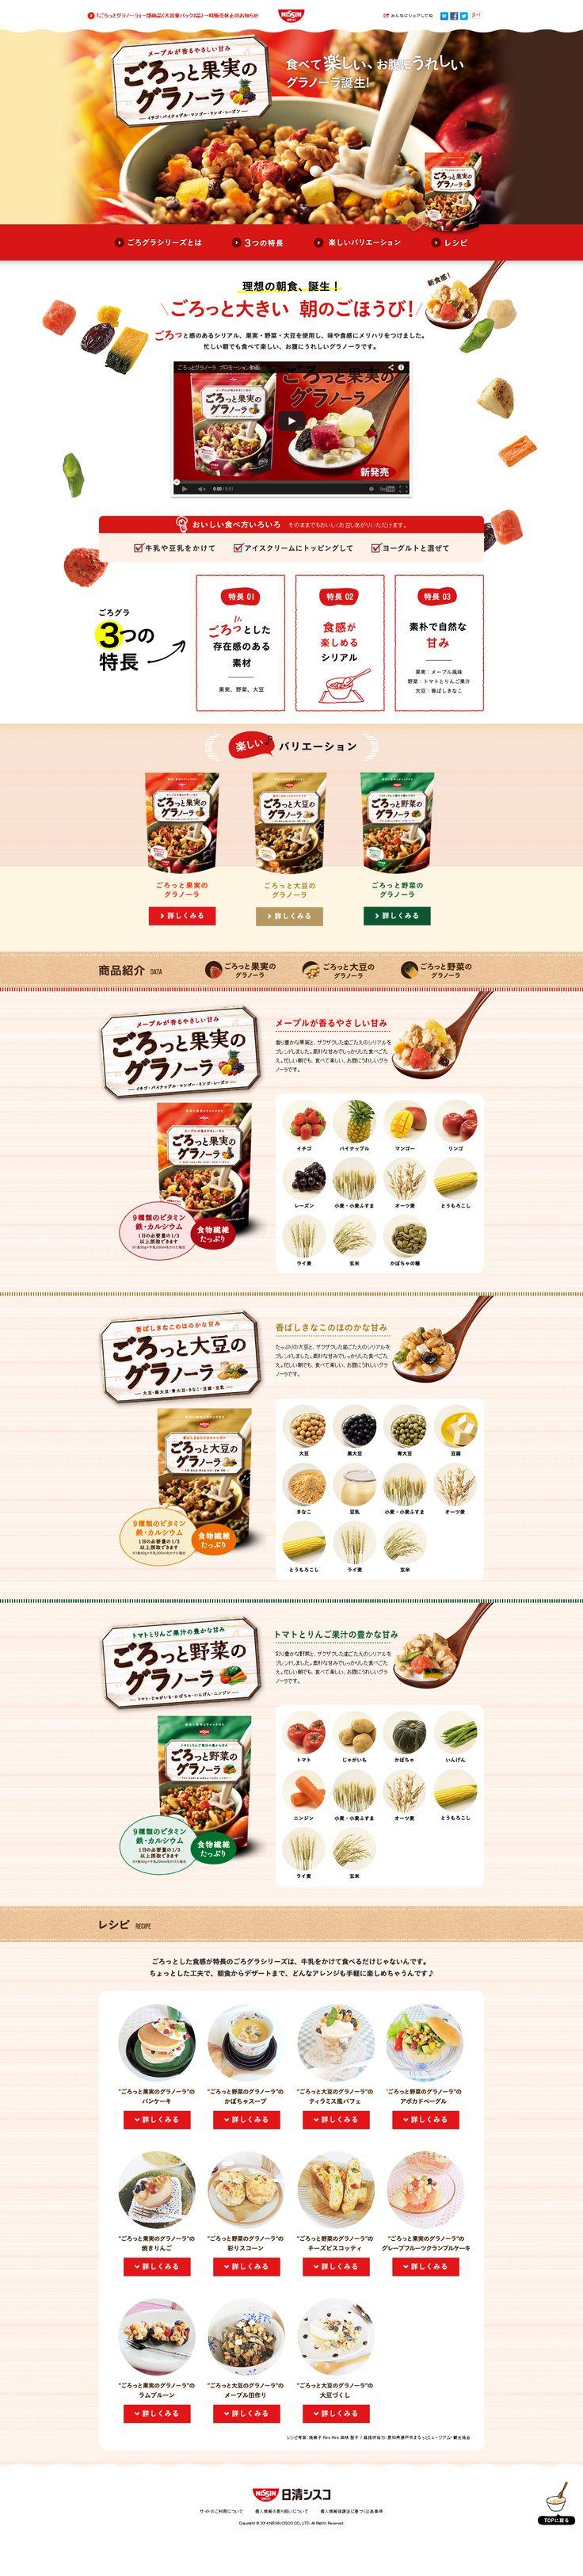 ごろっとグラノーラについて   ごろっとグラノーラ   日清食品グループ - http://www.gorogura.jp/